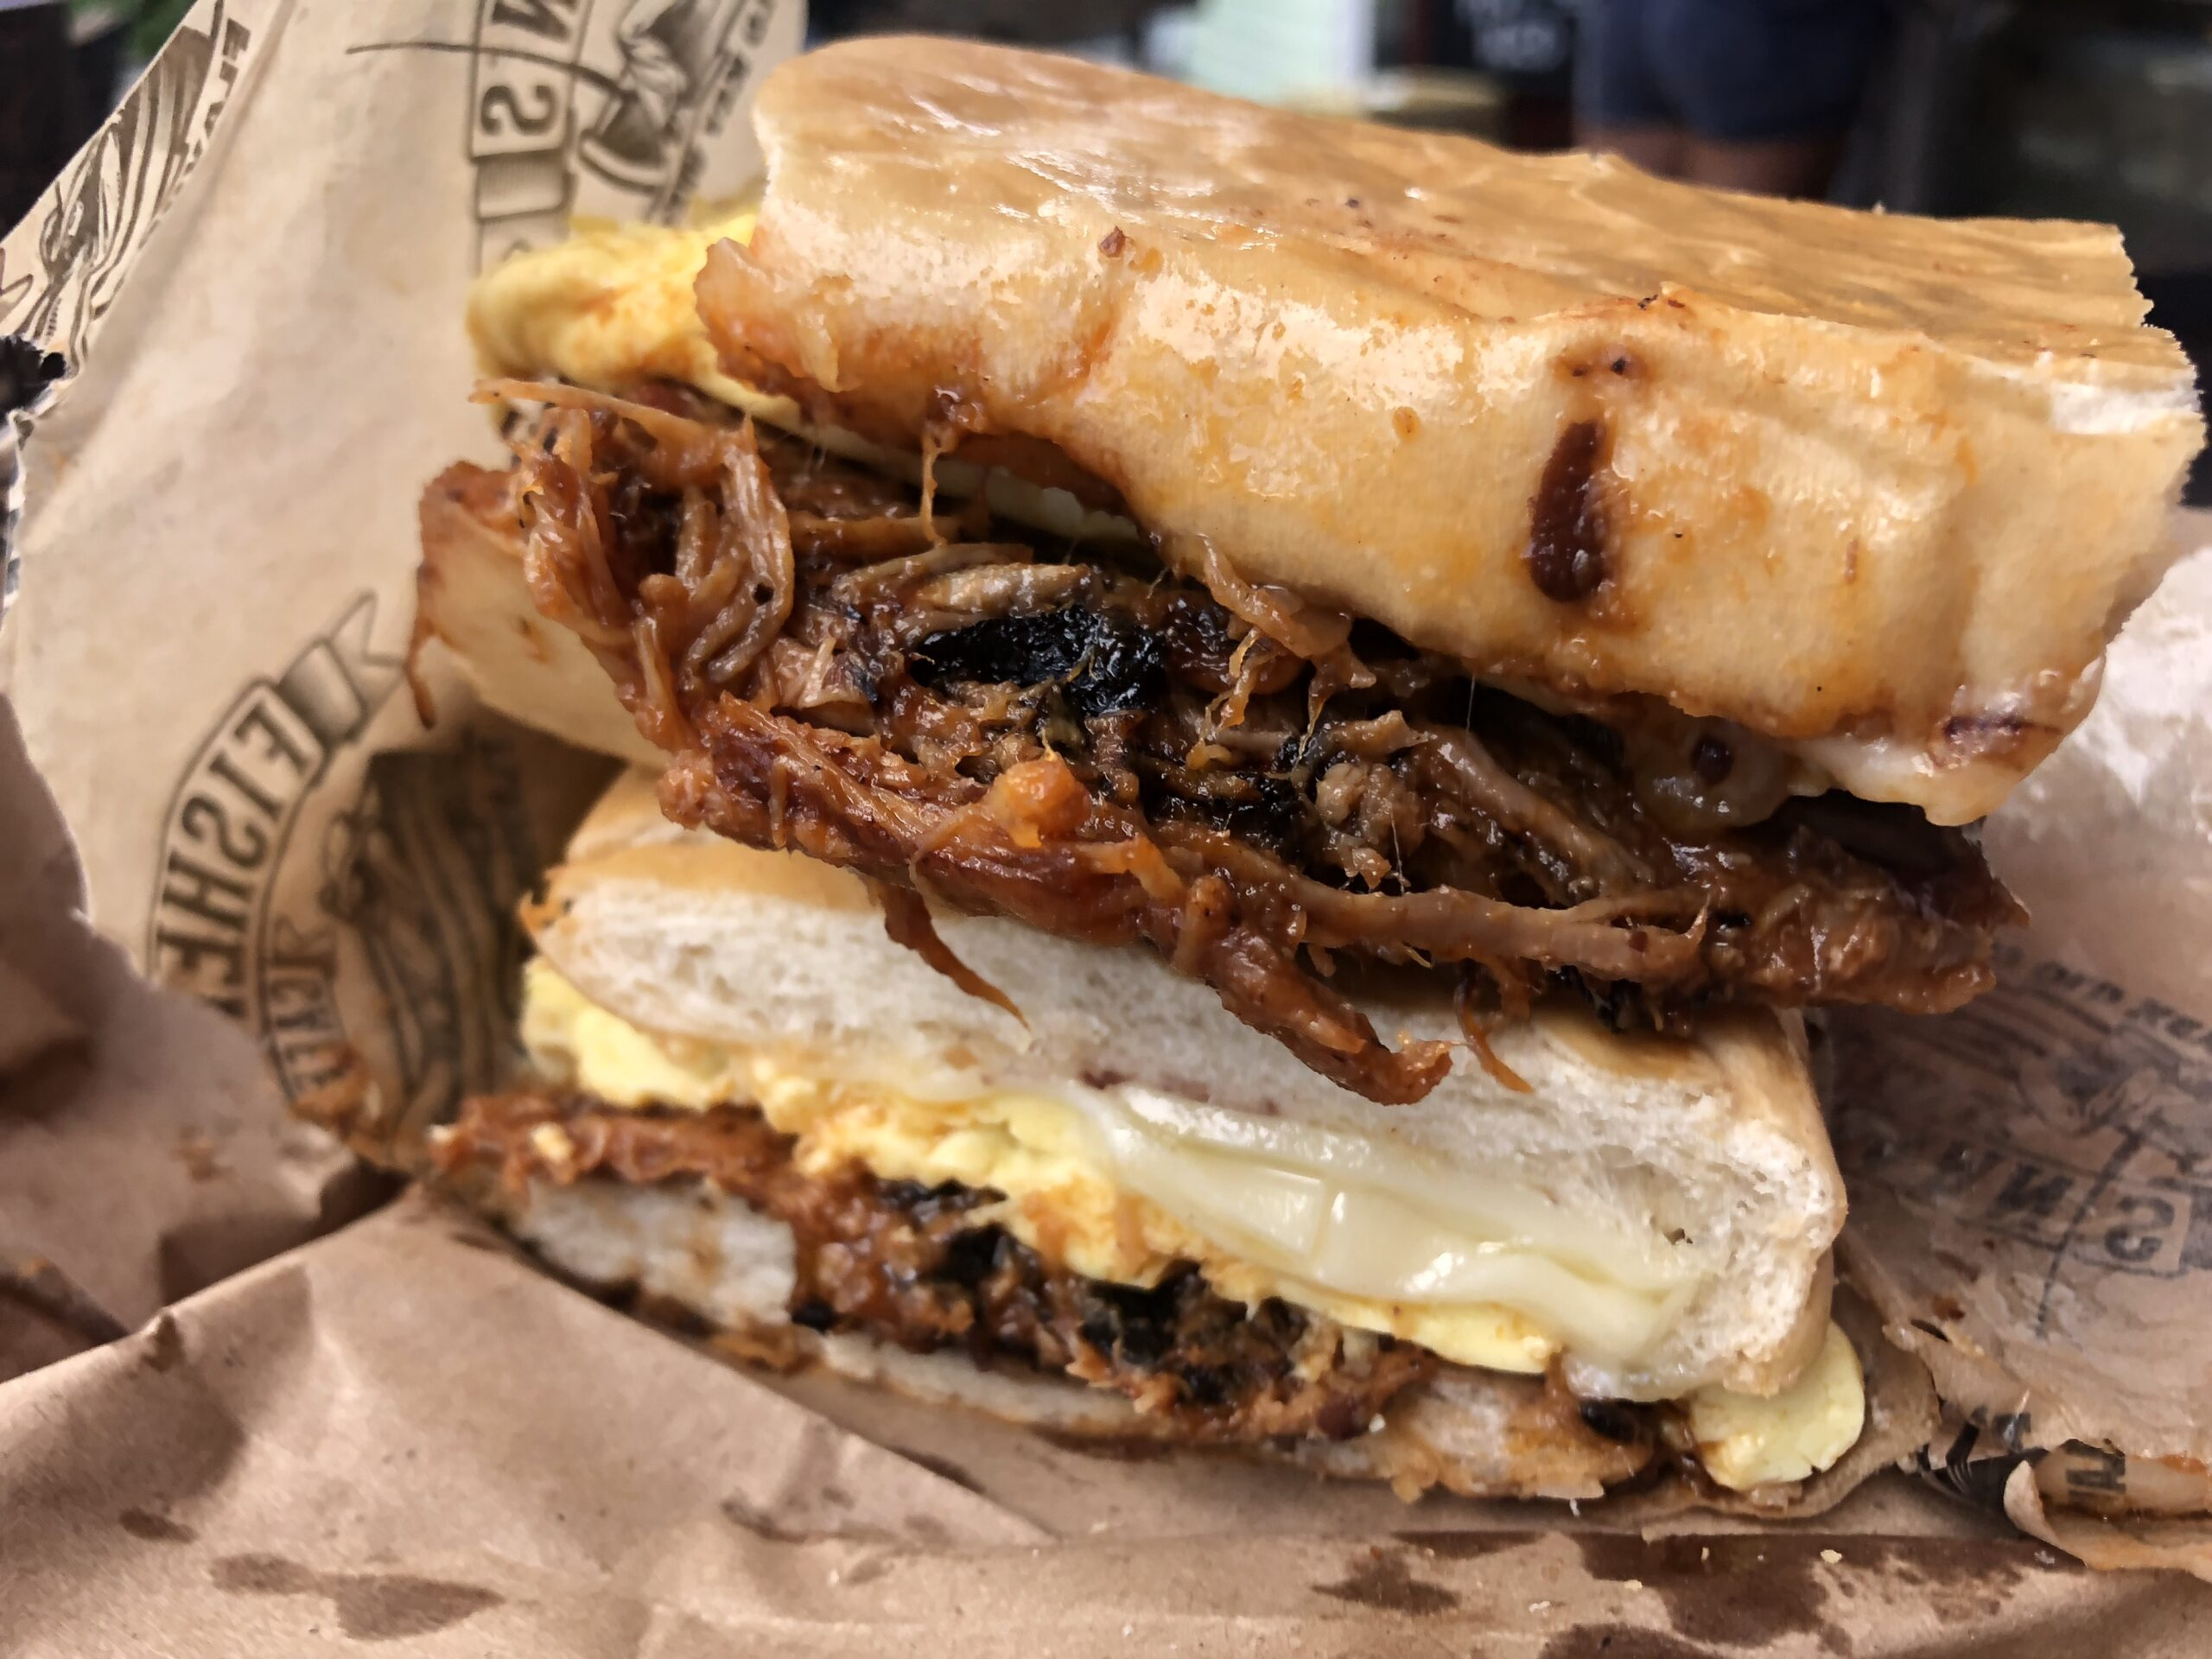 This pork-packed Key West Cubano breakfast sandwich is la bomba!